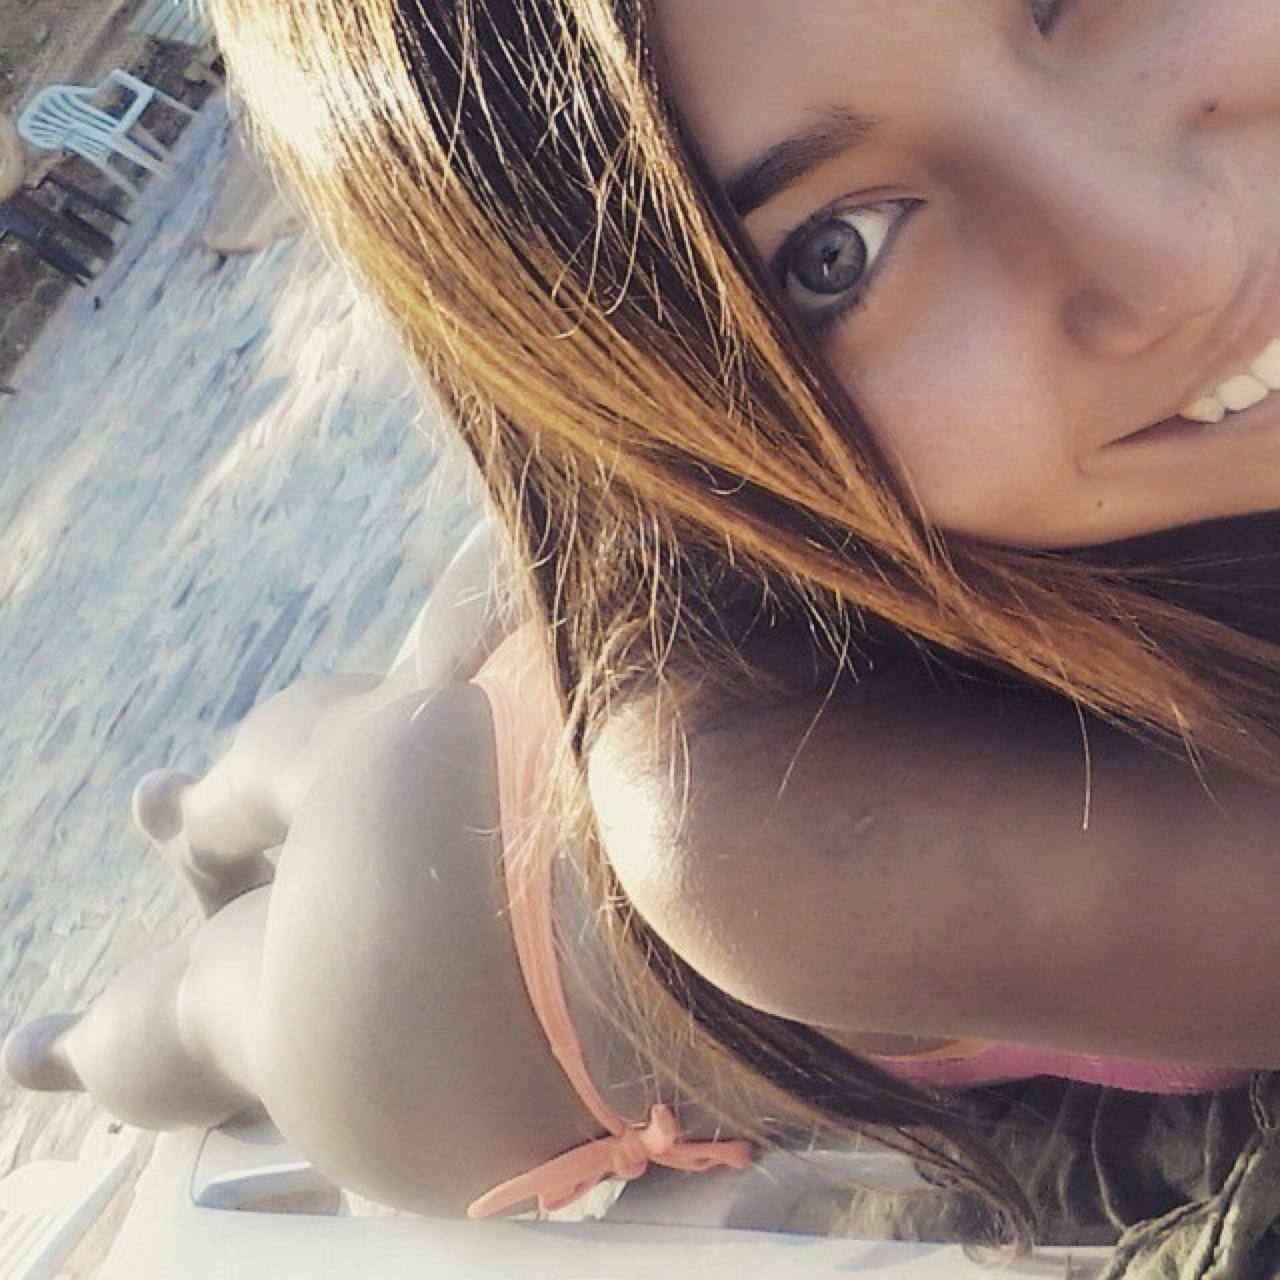 【水着エロ画像】隣で寄り添いたい!巨乳美尻なビキニ外人さんの寝そべり姿(*´Д`)